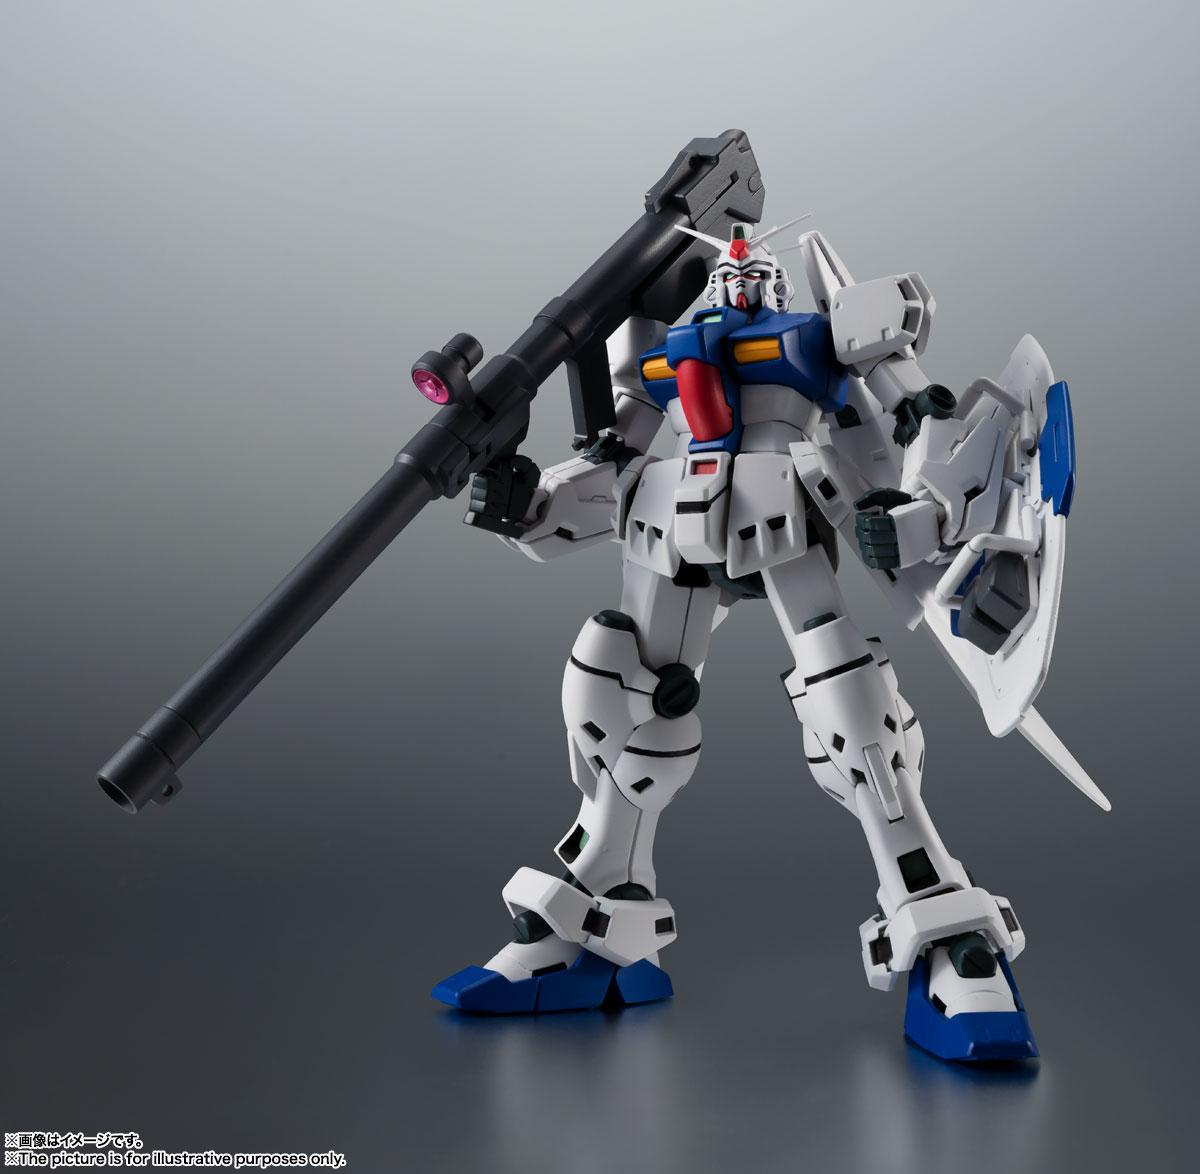 ROBOT魂〈SIDE MS〉『RX-78GP03S ガンダム試作3号機ステイメン ver. A.N.I.M.E.』機動戦士ガンダム0083 可動フィギュア-007